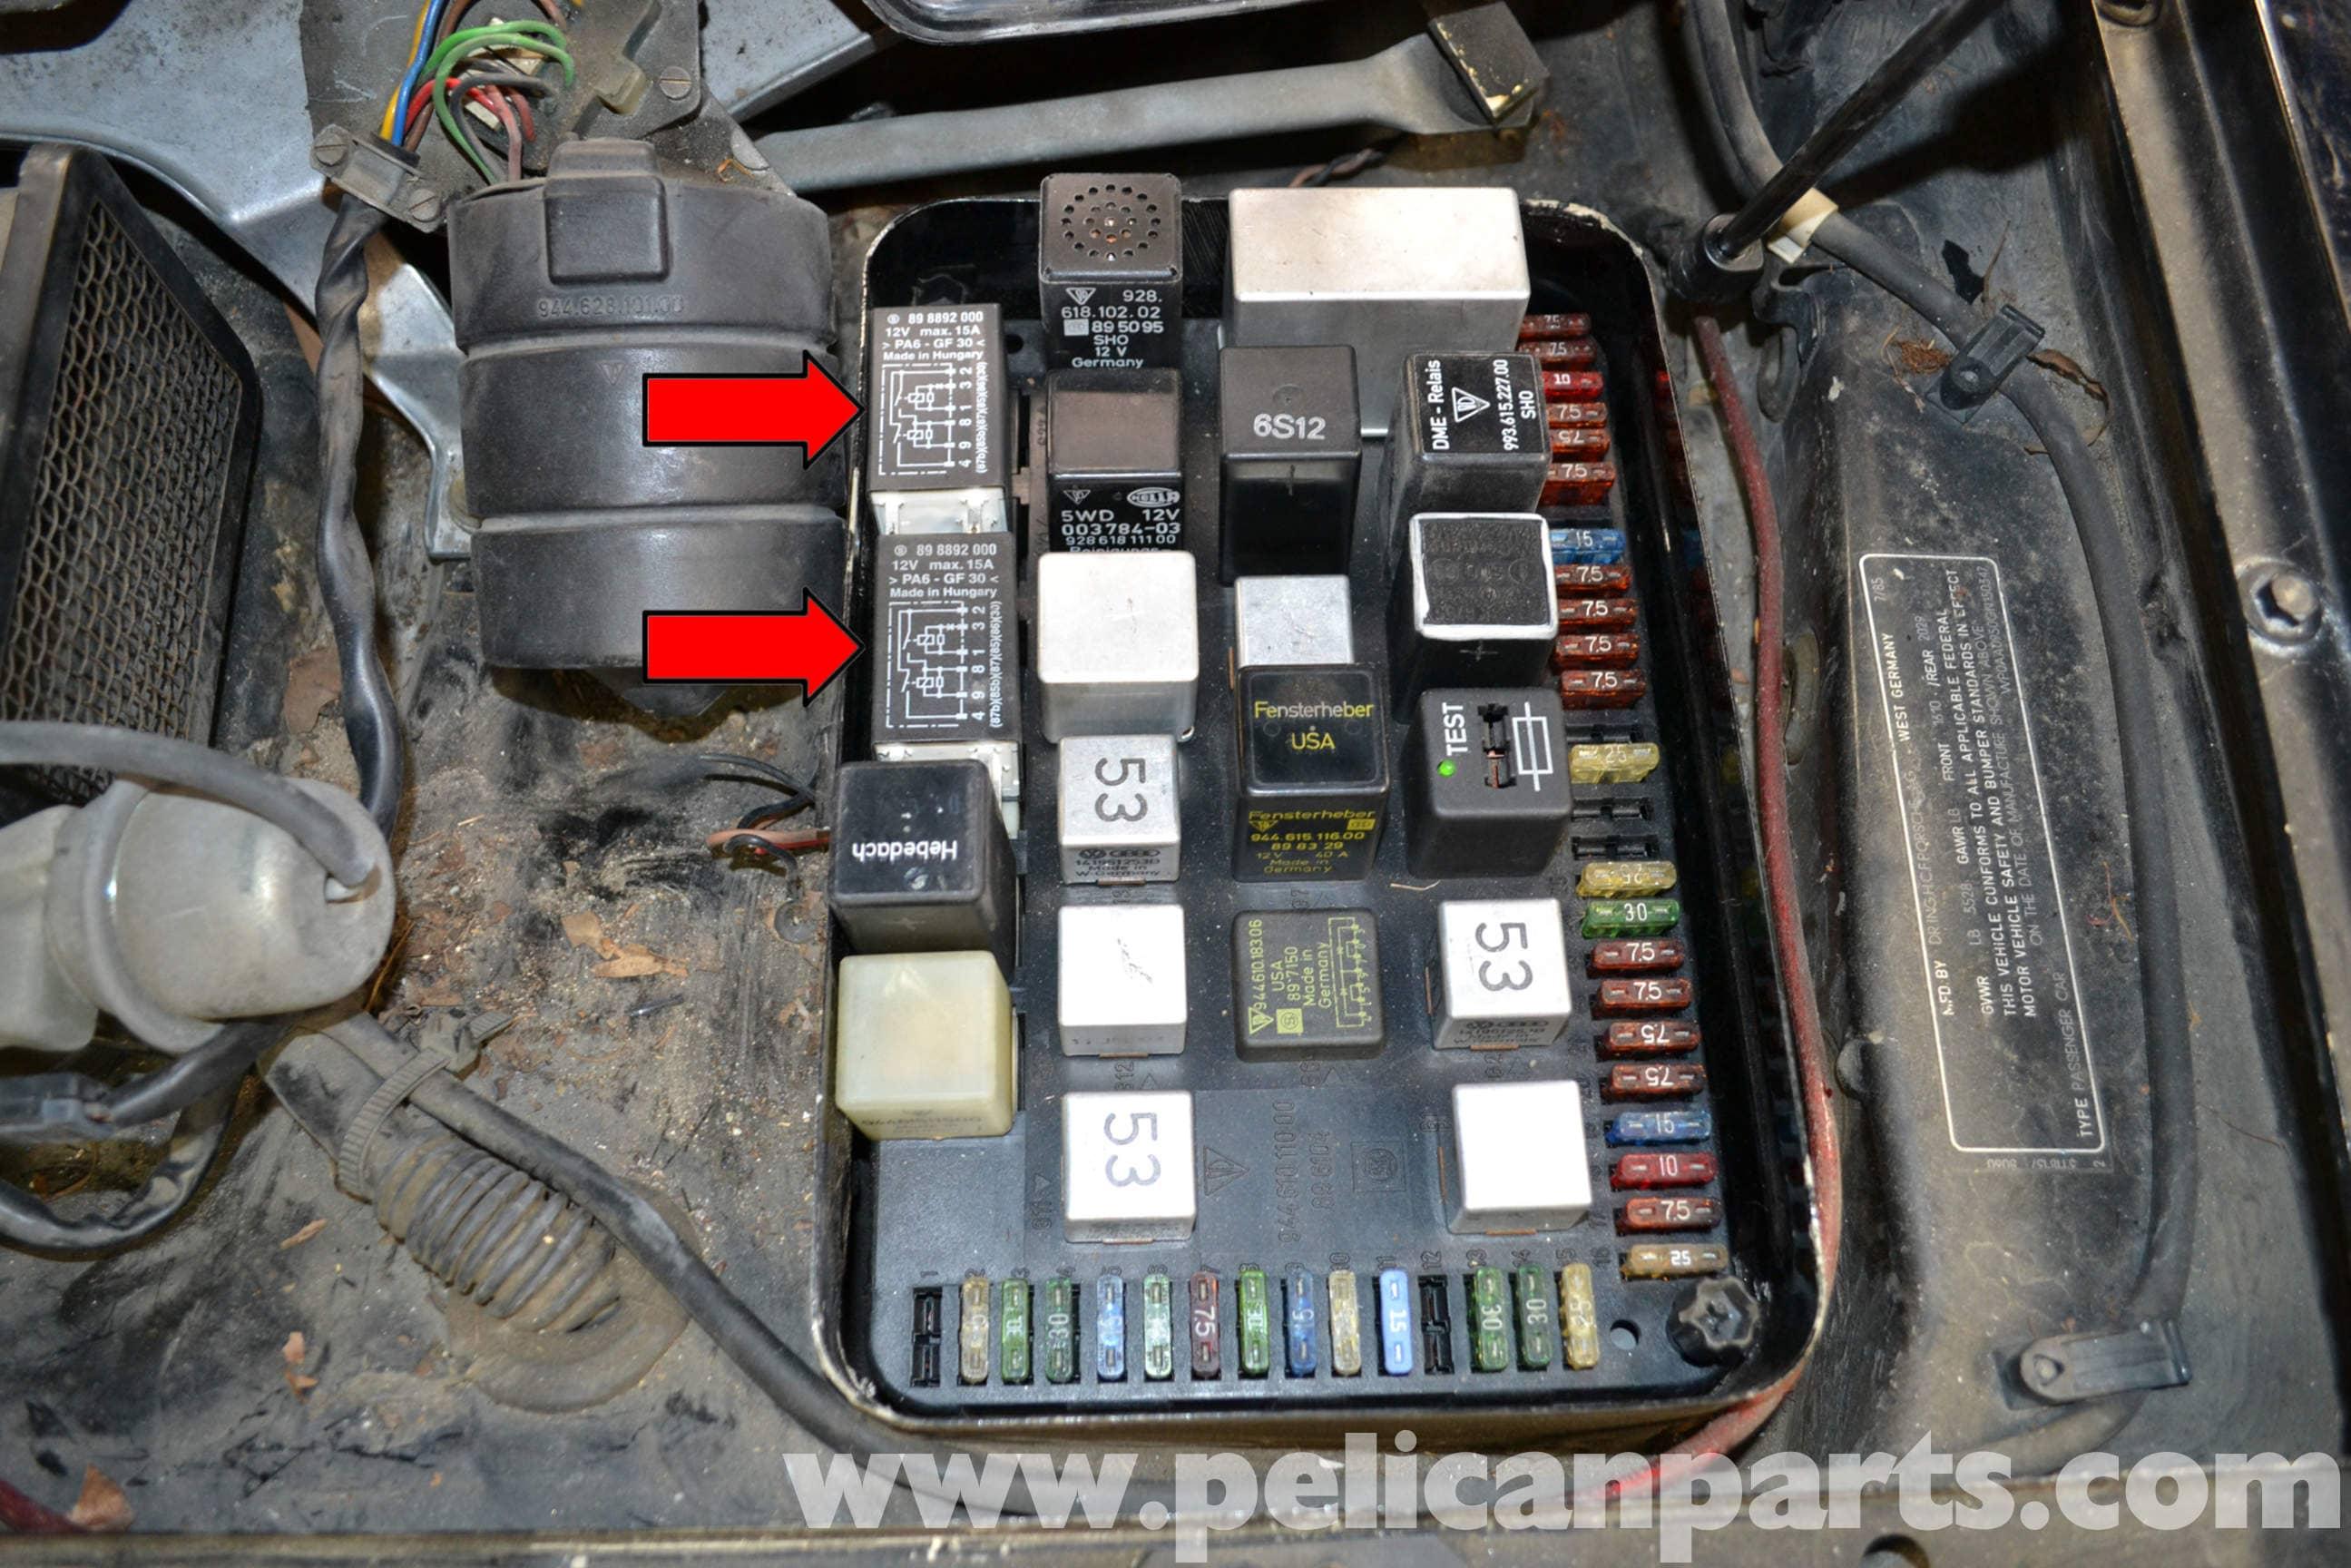 83 Porsche 944 Fuse Box Wiring Diagram Libraries Microlab M 280 Circuit 1987 Simple Schemaporsche Data Schema